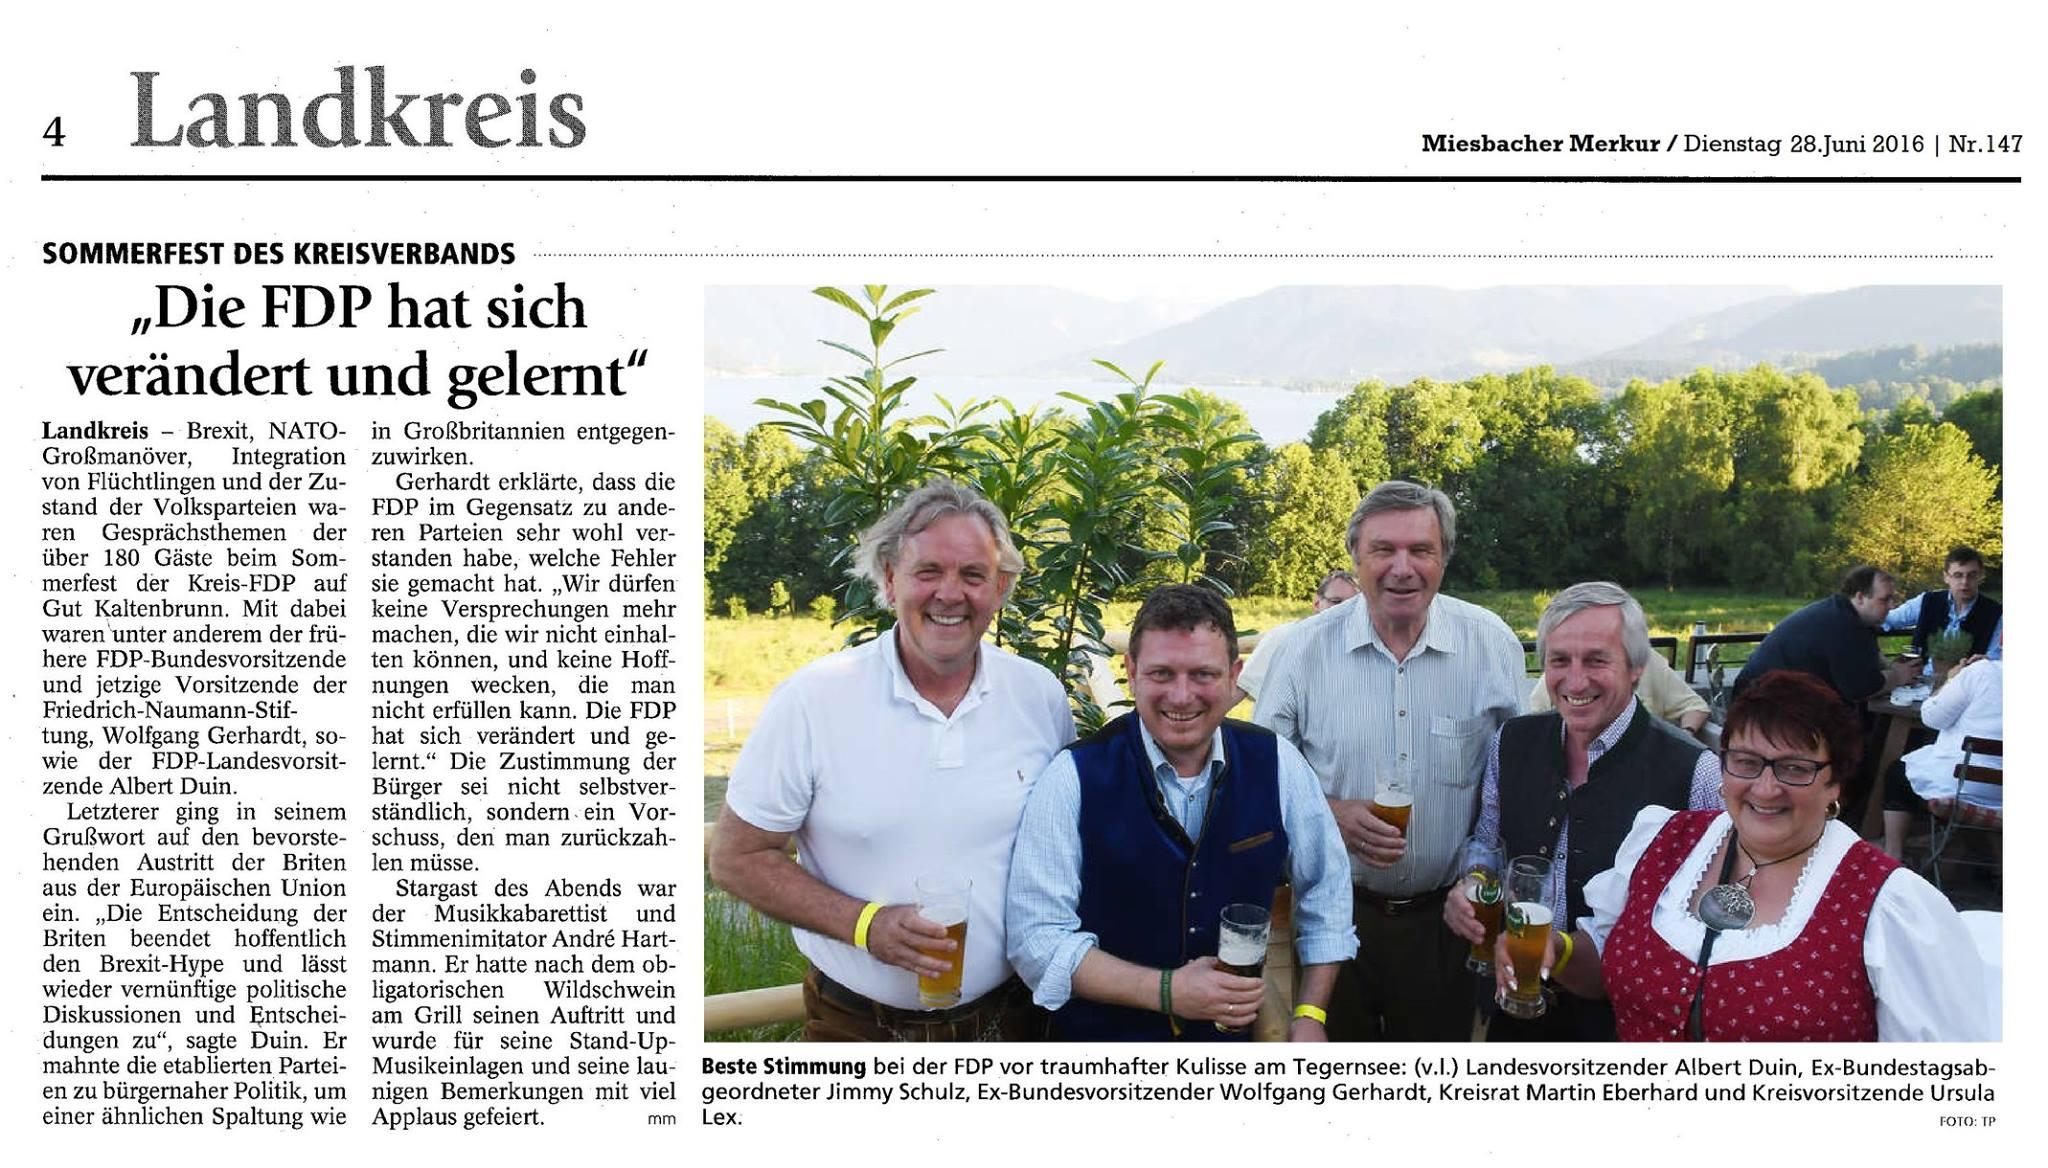 28. Juni 2016: Die FDP hat sich verändert und gelernt (.jpg)